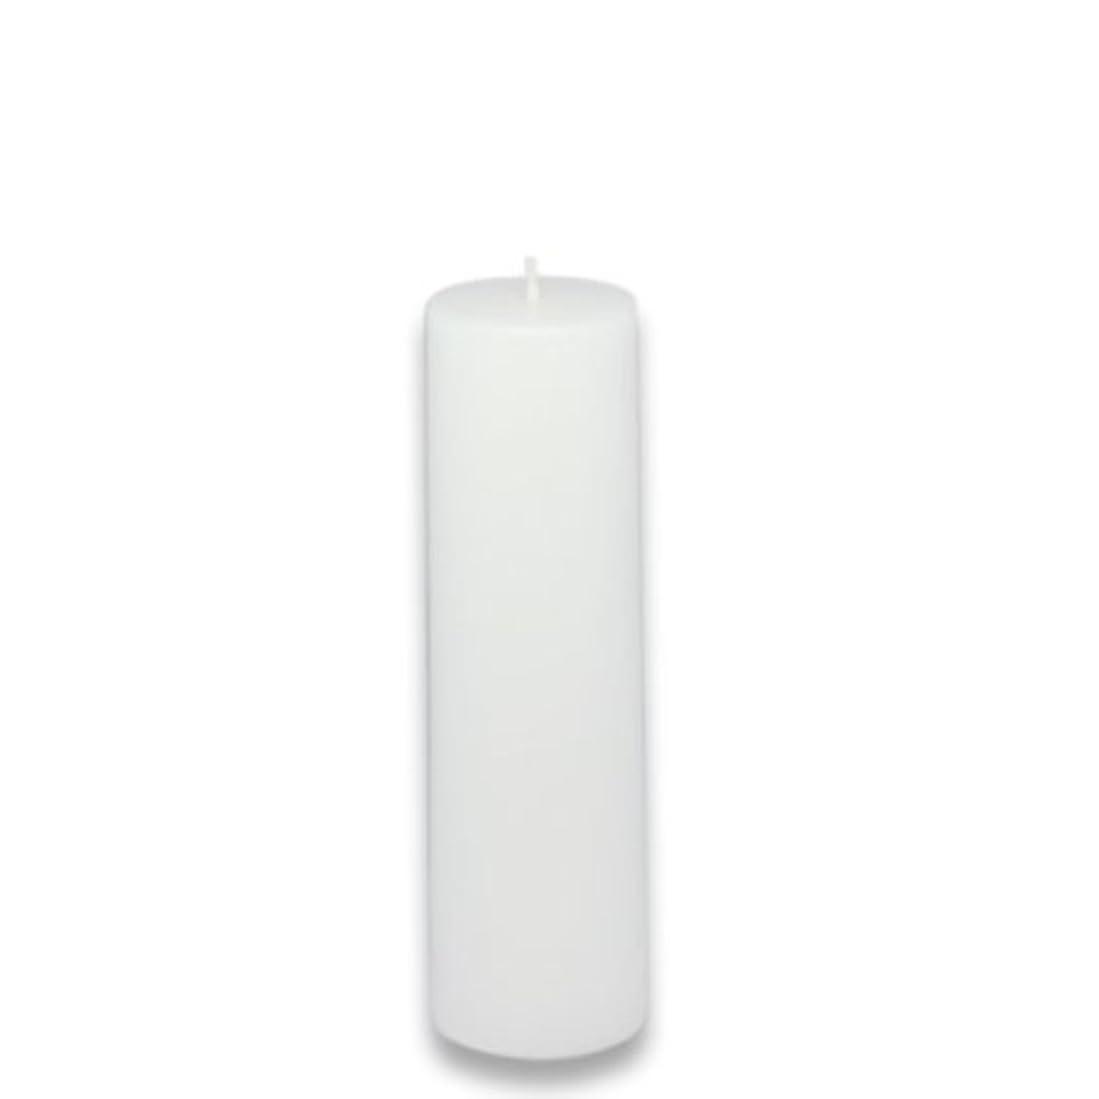 習熟度登山家政治家Zest Candle Pillar Candle, 2 by 6-Inch, White [並行輸入品]